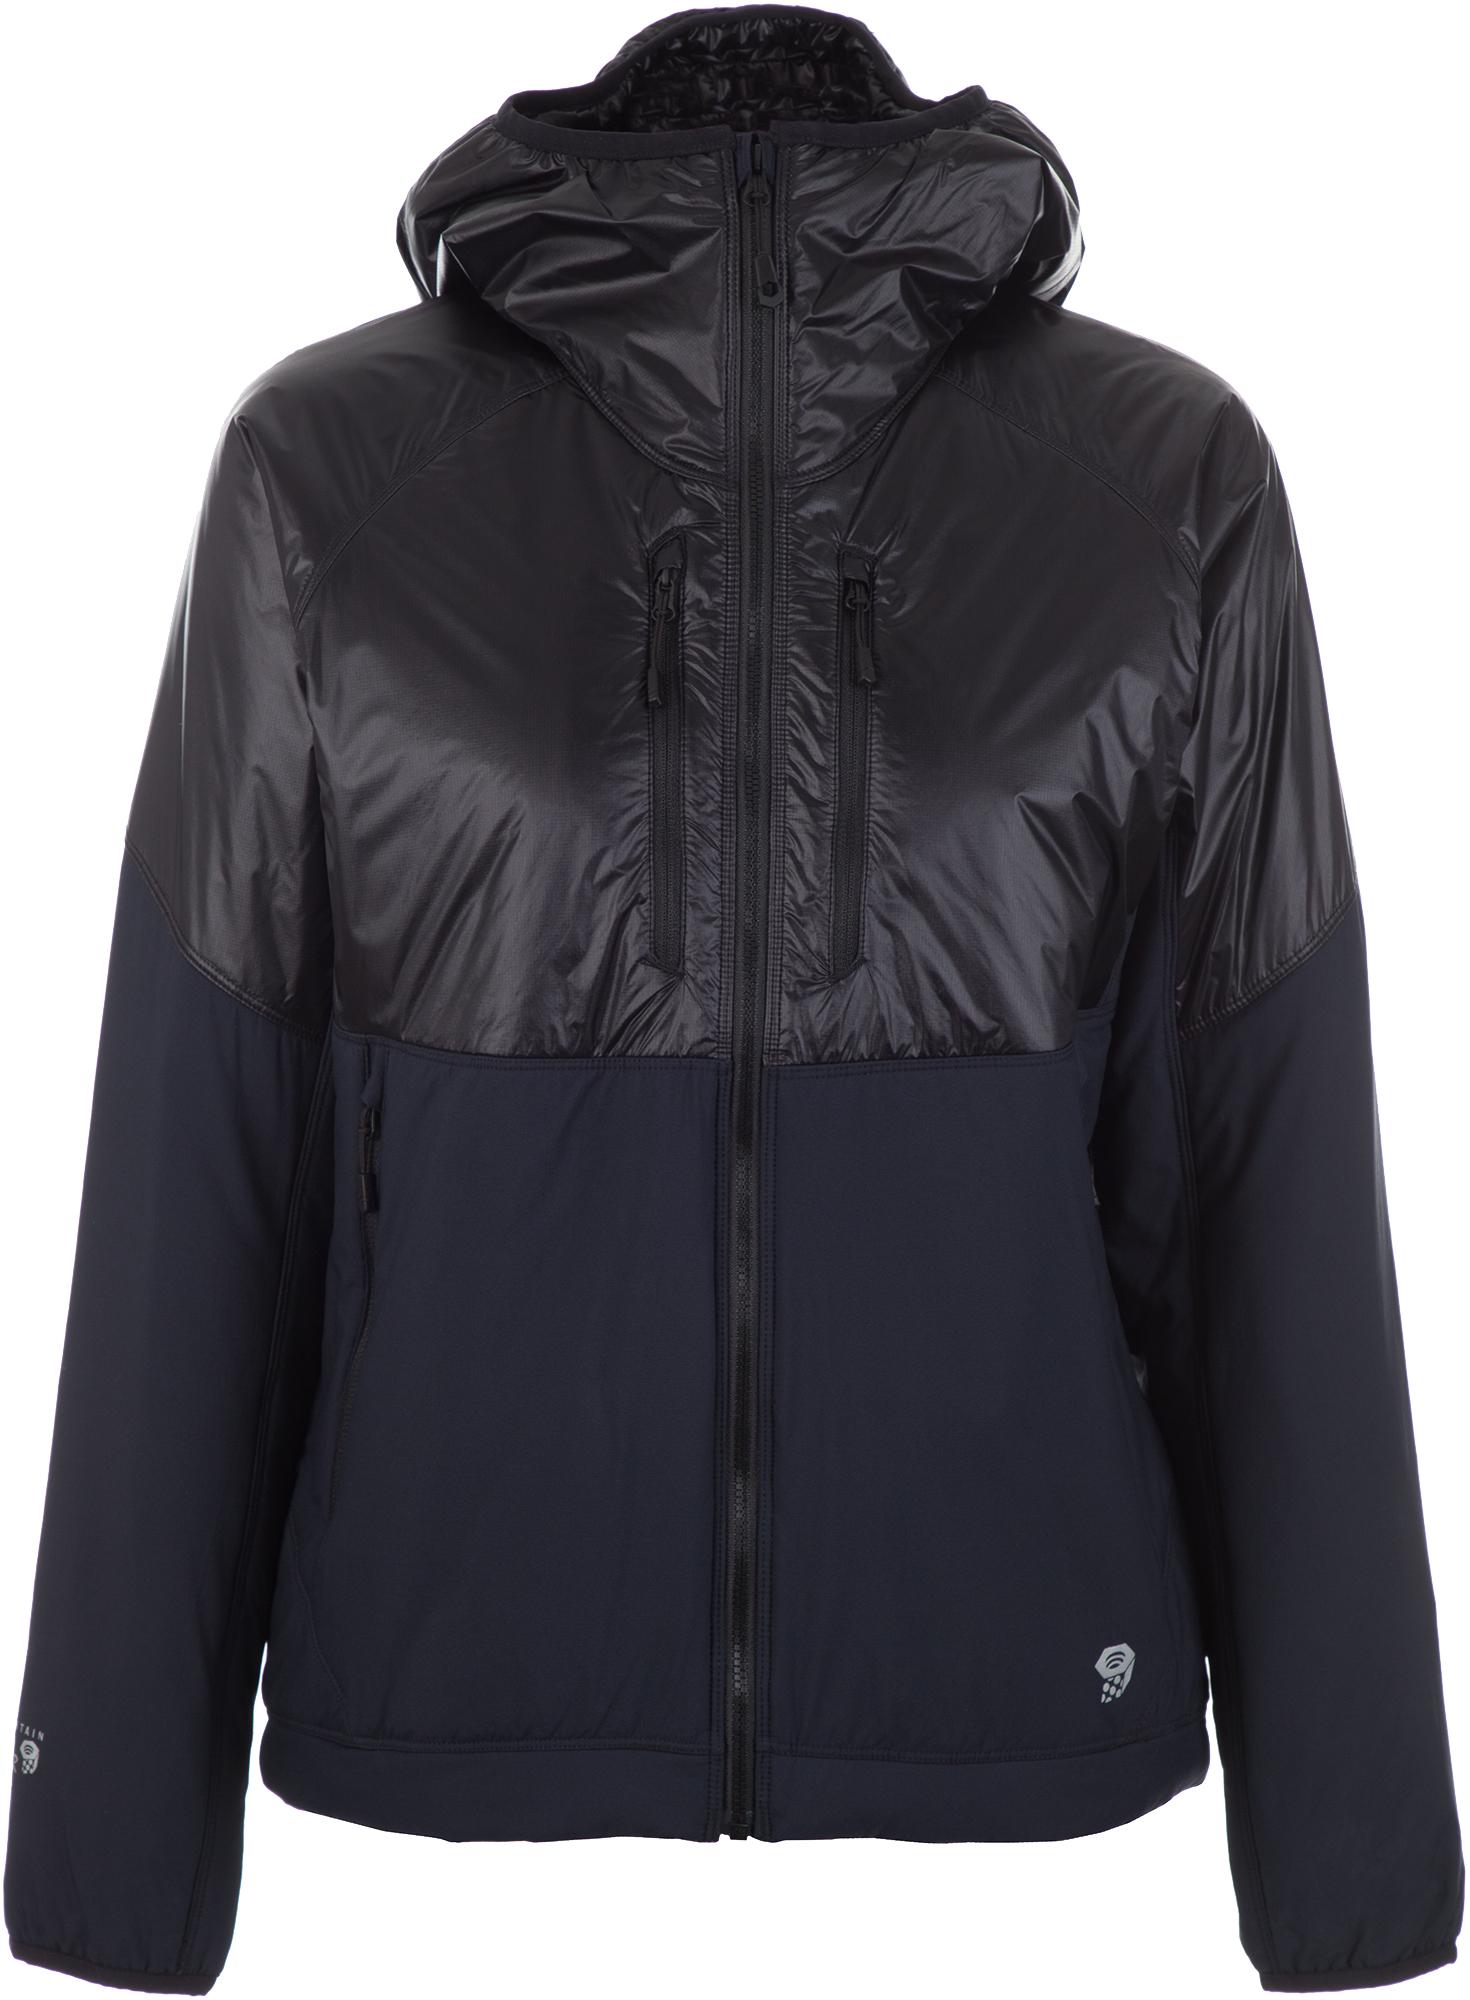 Mountain Hardwear Куртка утепленная женская Mountain Hardwear Kor Strata, размер 44 mountain hardwear куртка утепленная мужская mountain hardwear radian размер 56